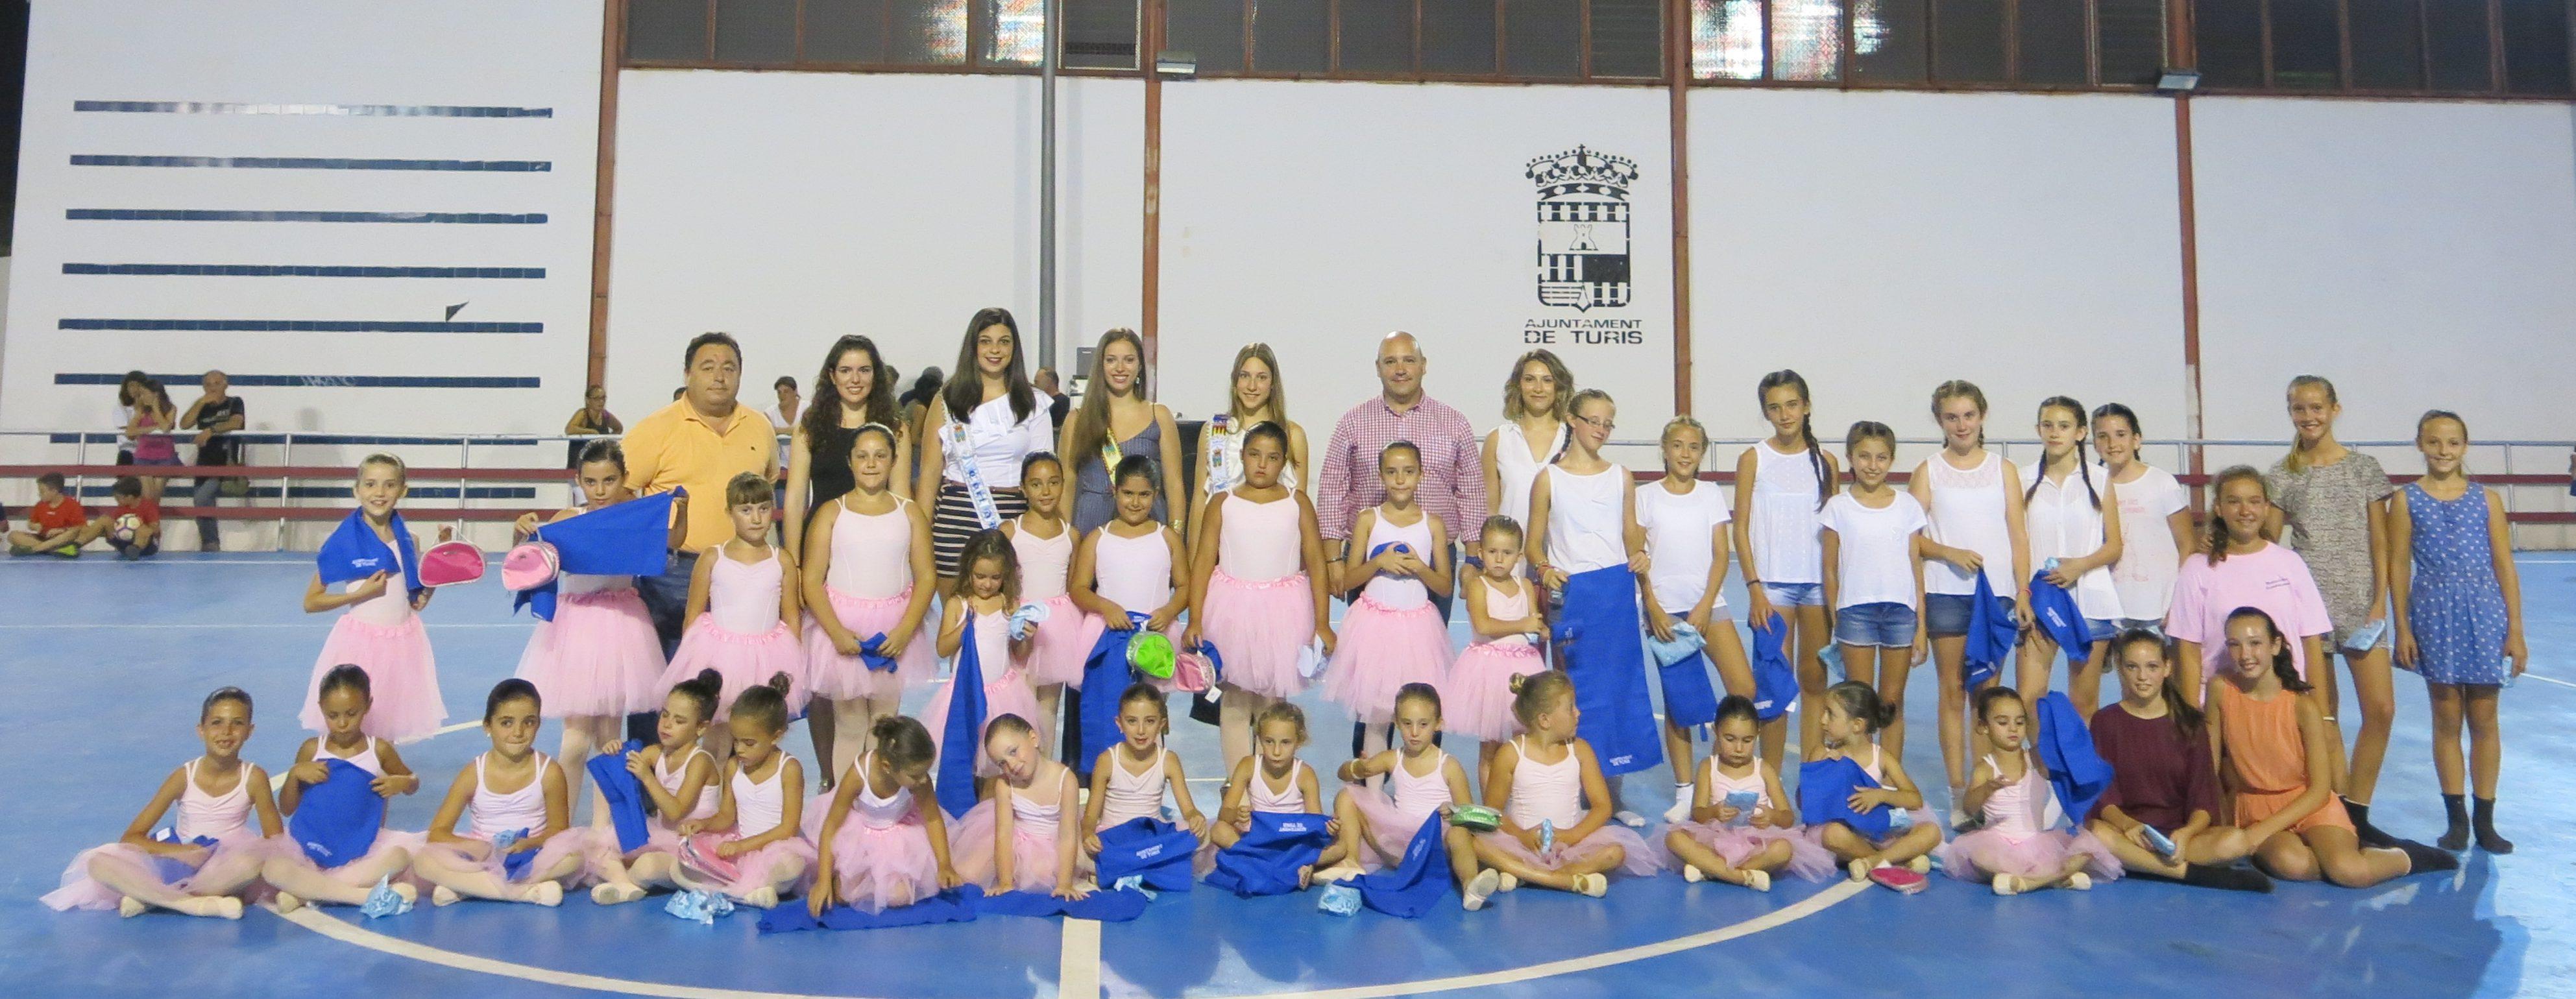 Les alumnes del recentment estrenat taller de dansa clàssica i contemporània de l'Escola de Música Valentín Puig de Turís.